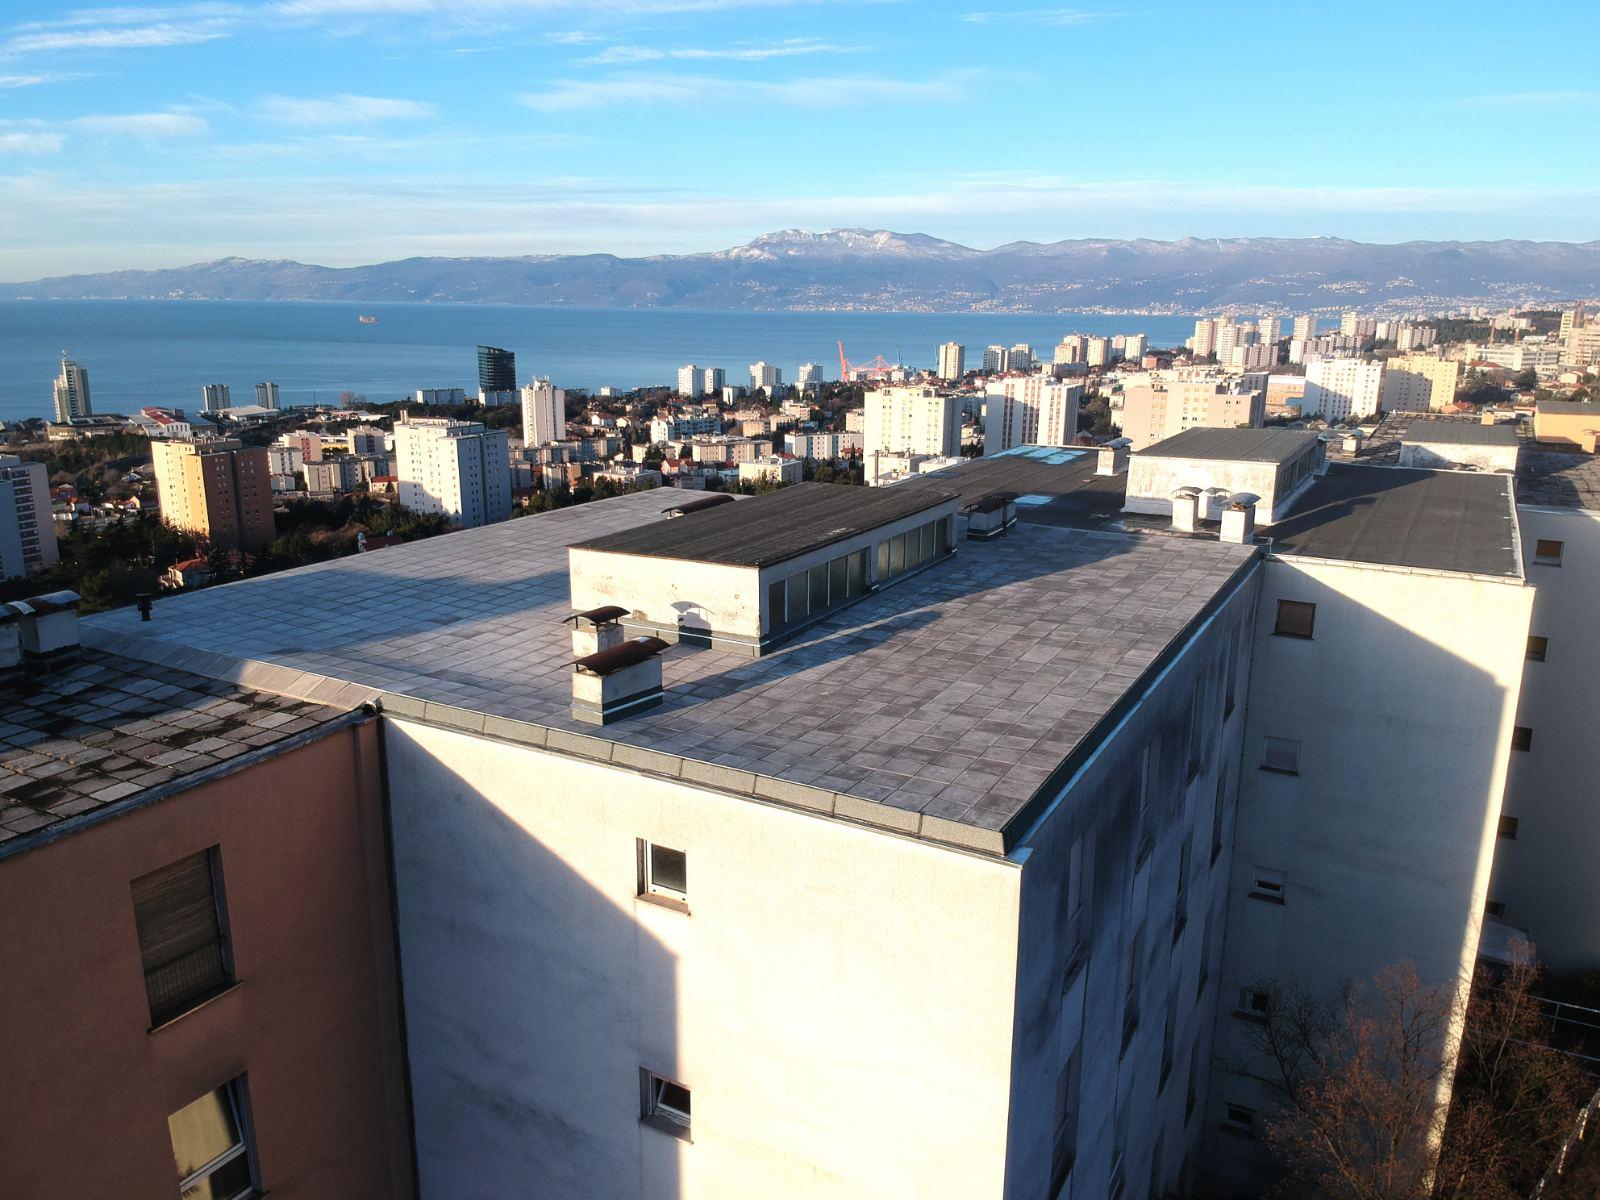 Završena je obnova krova na adresi Ratka Petrovića 62 u Rijeci (stambeni niz D-5, Gornja Vežica)